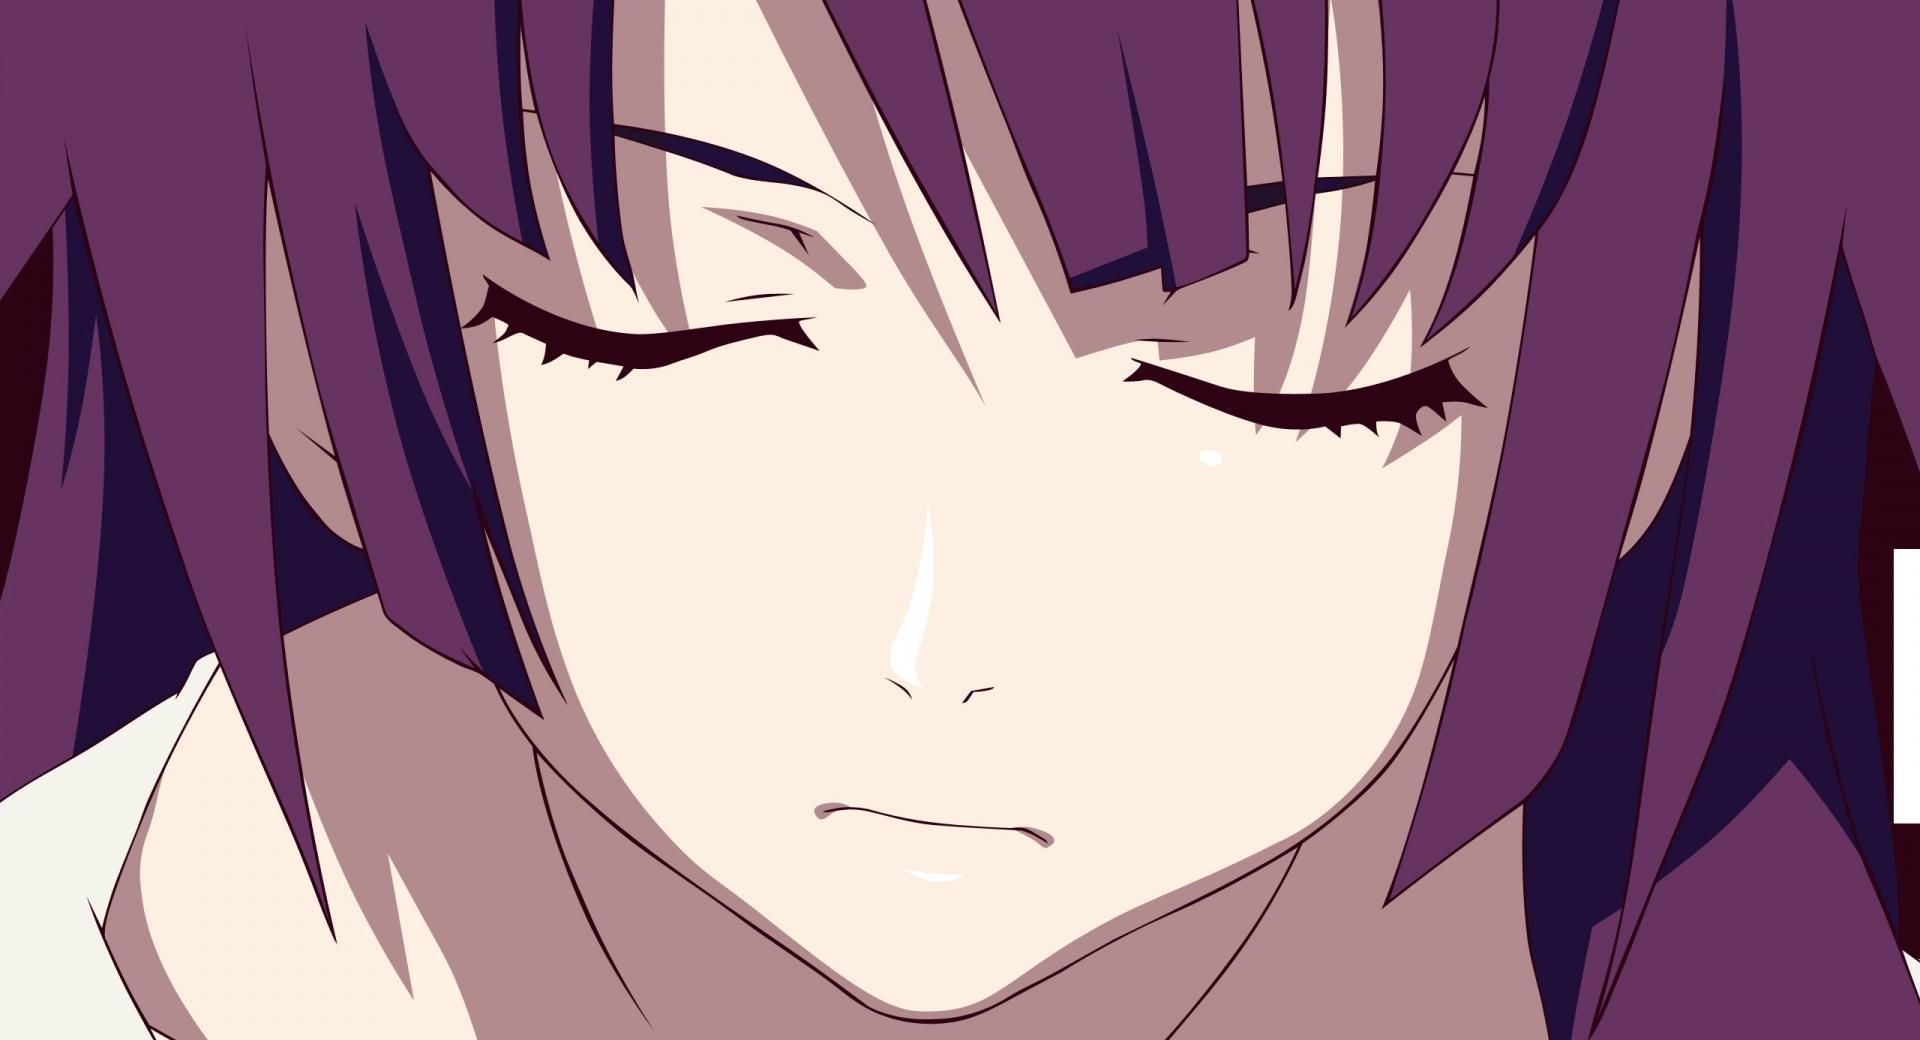 Sad Girl Anime wallpapers HD quality